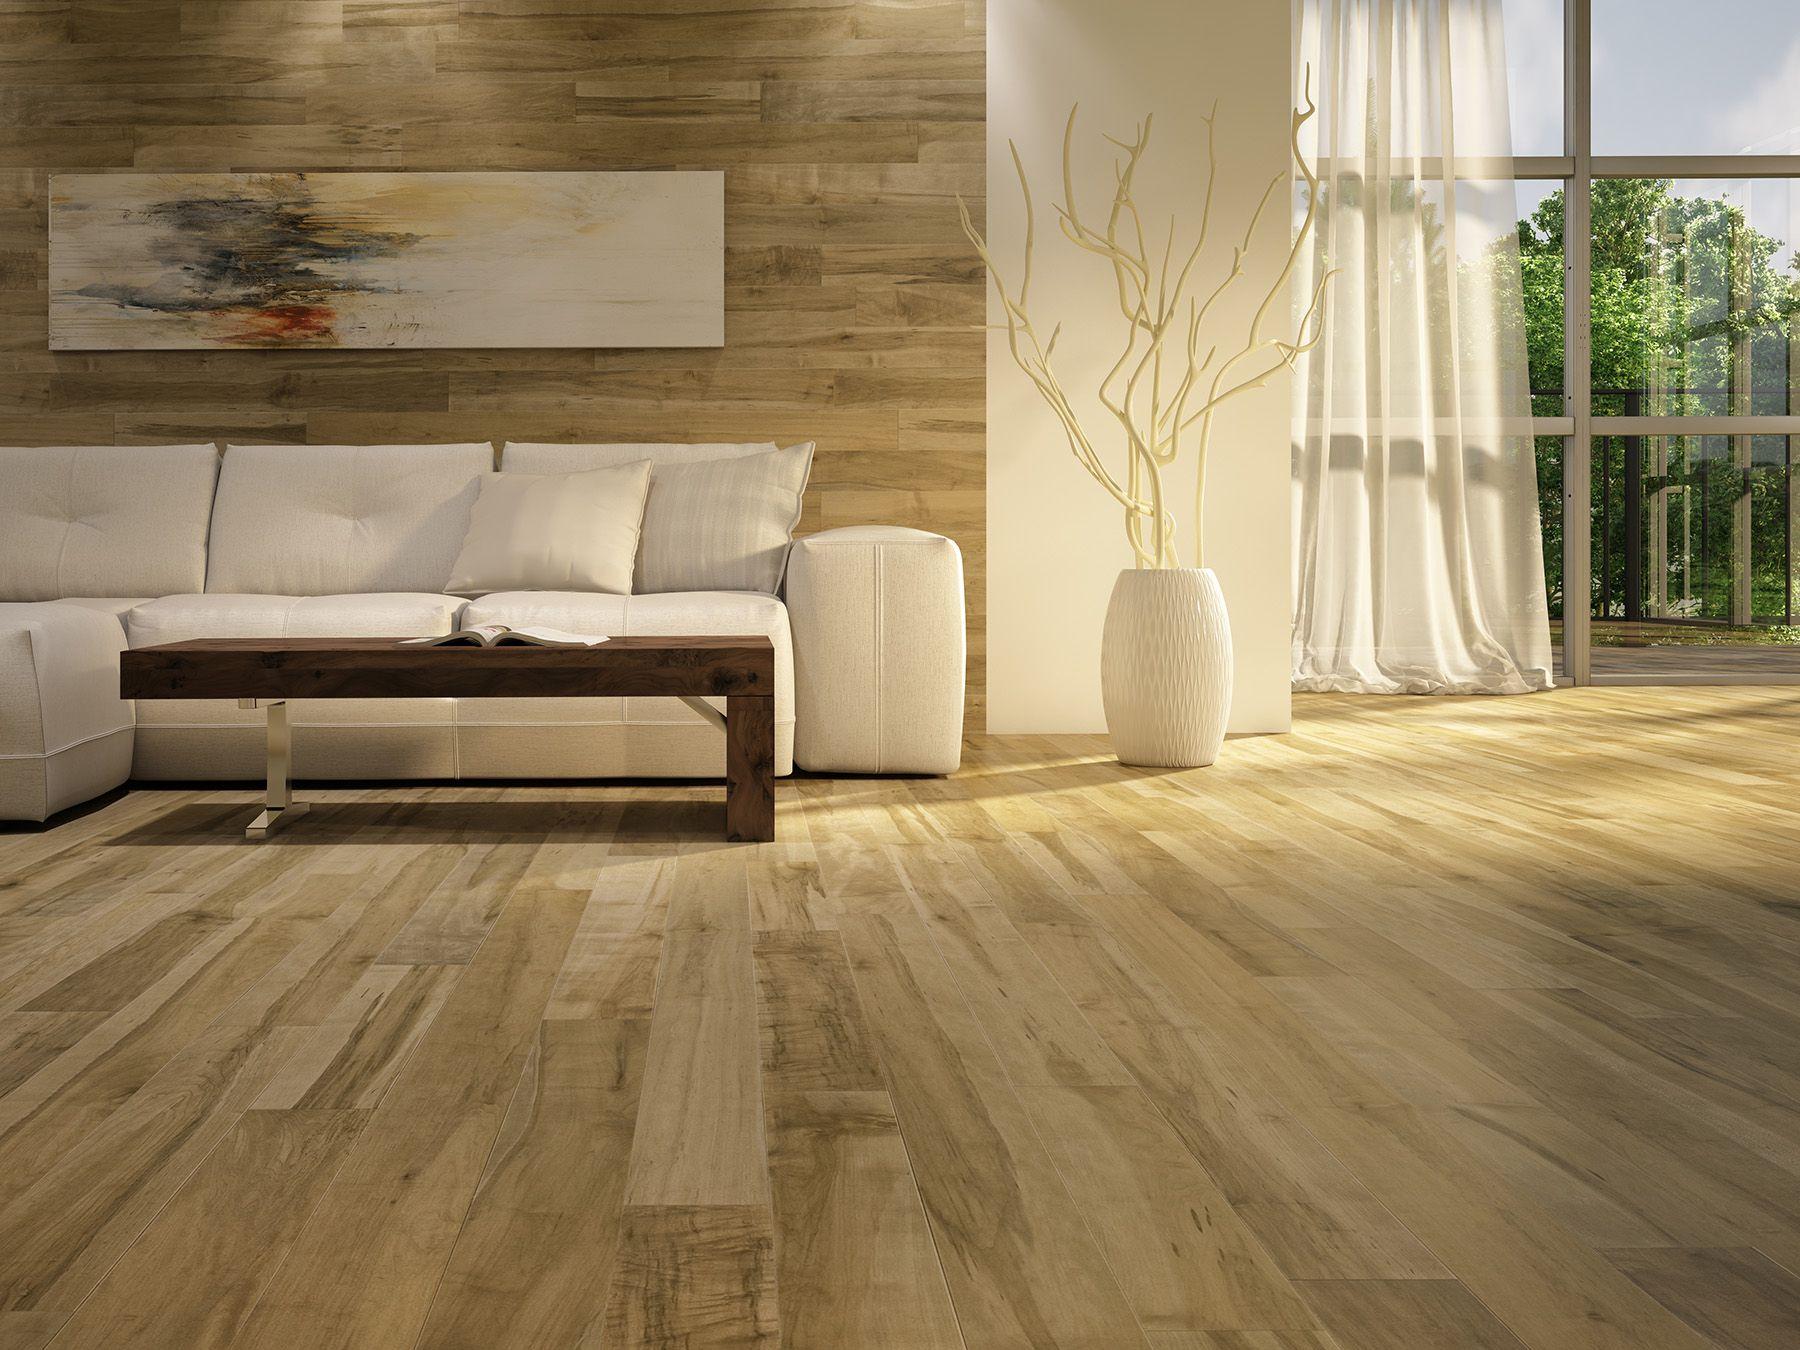 Ambiance de salon chaleureuse plancher de bois franc Warm